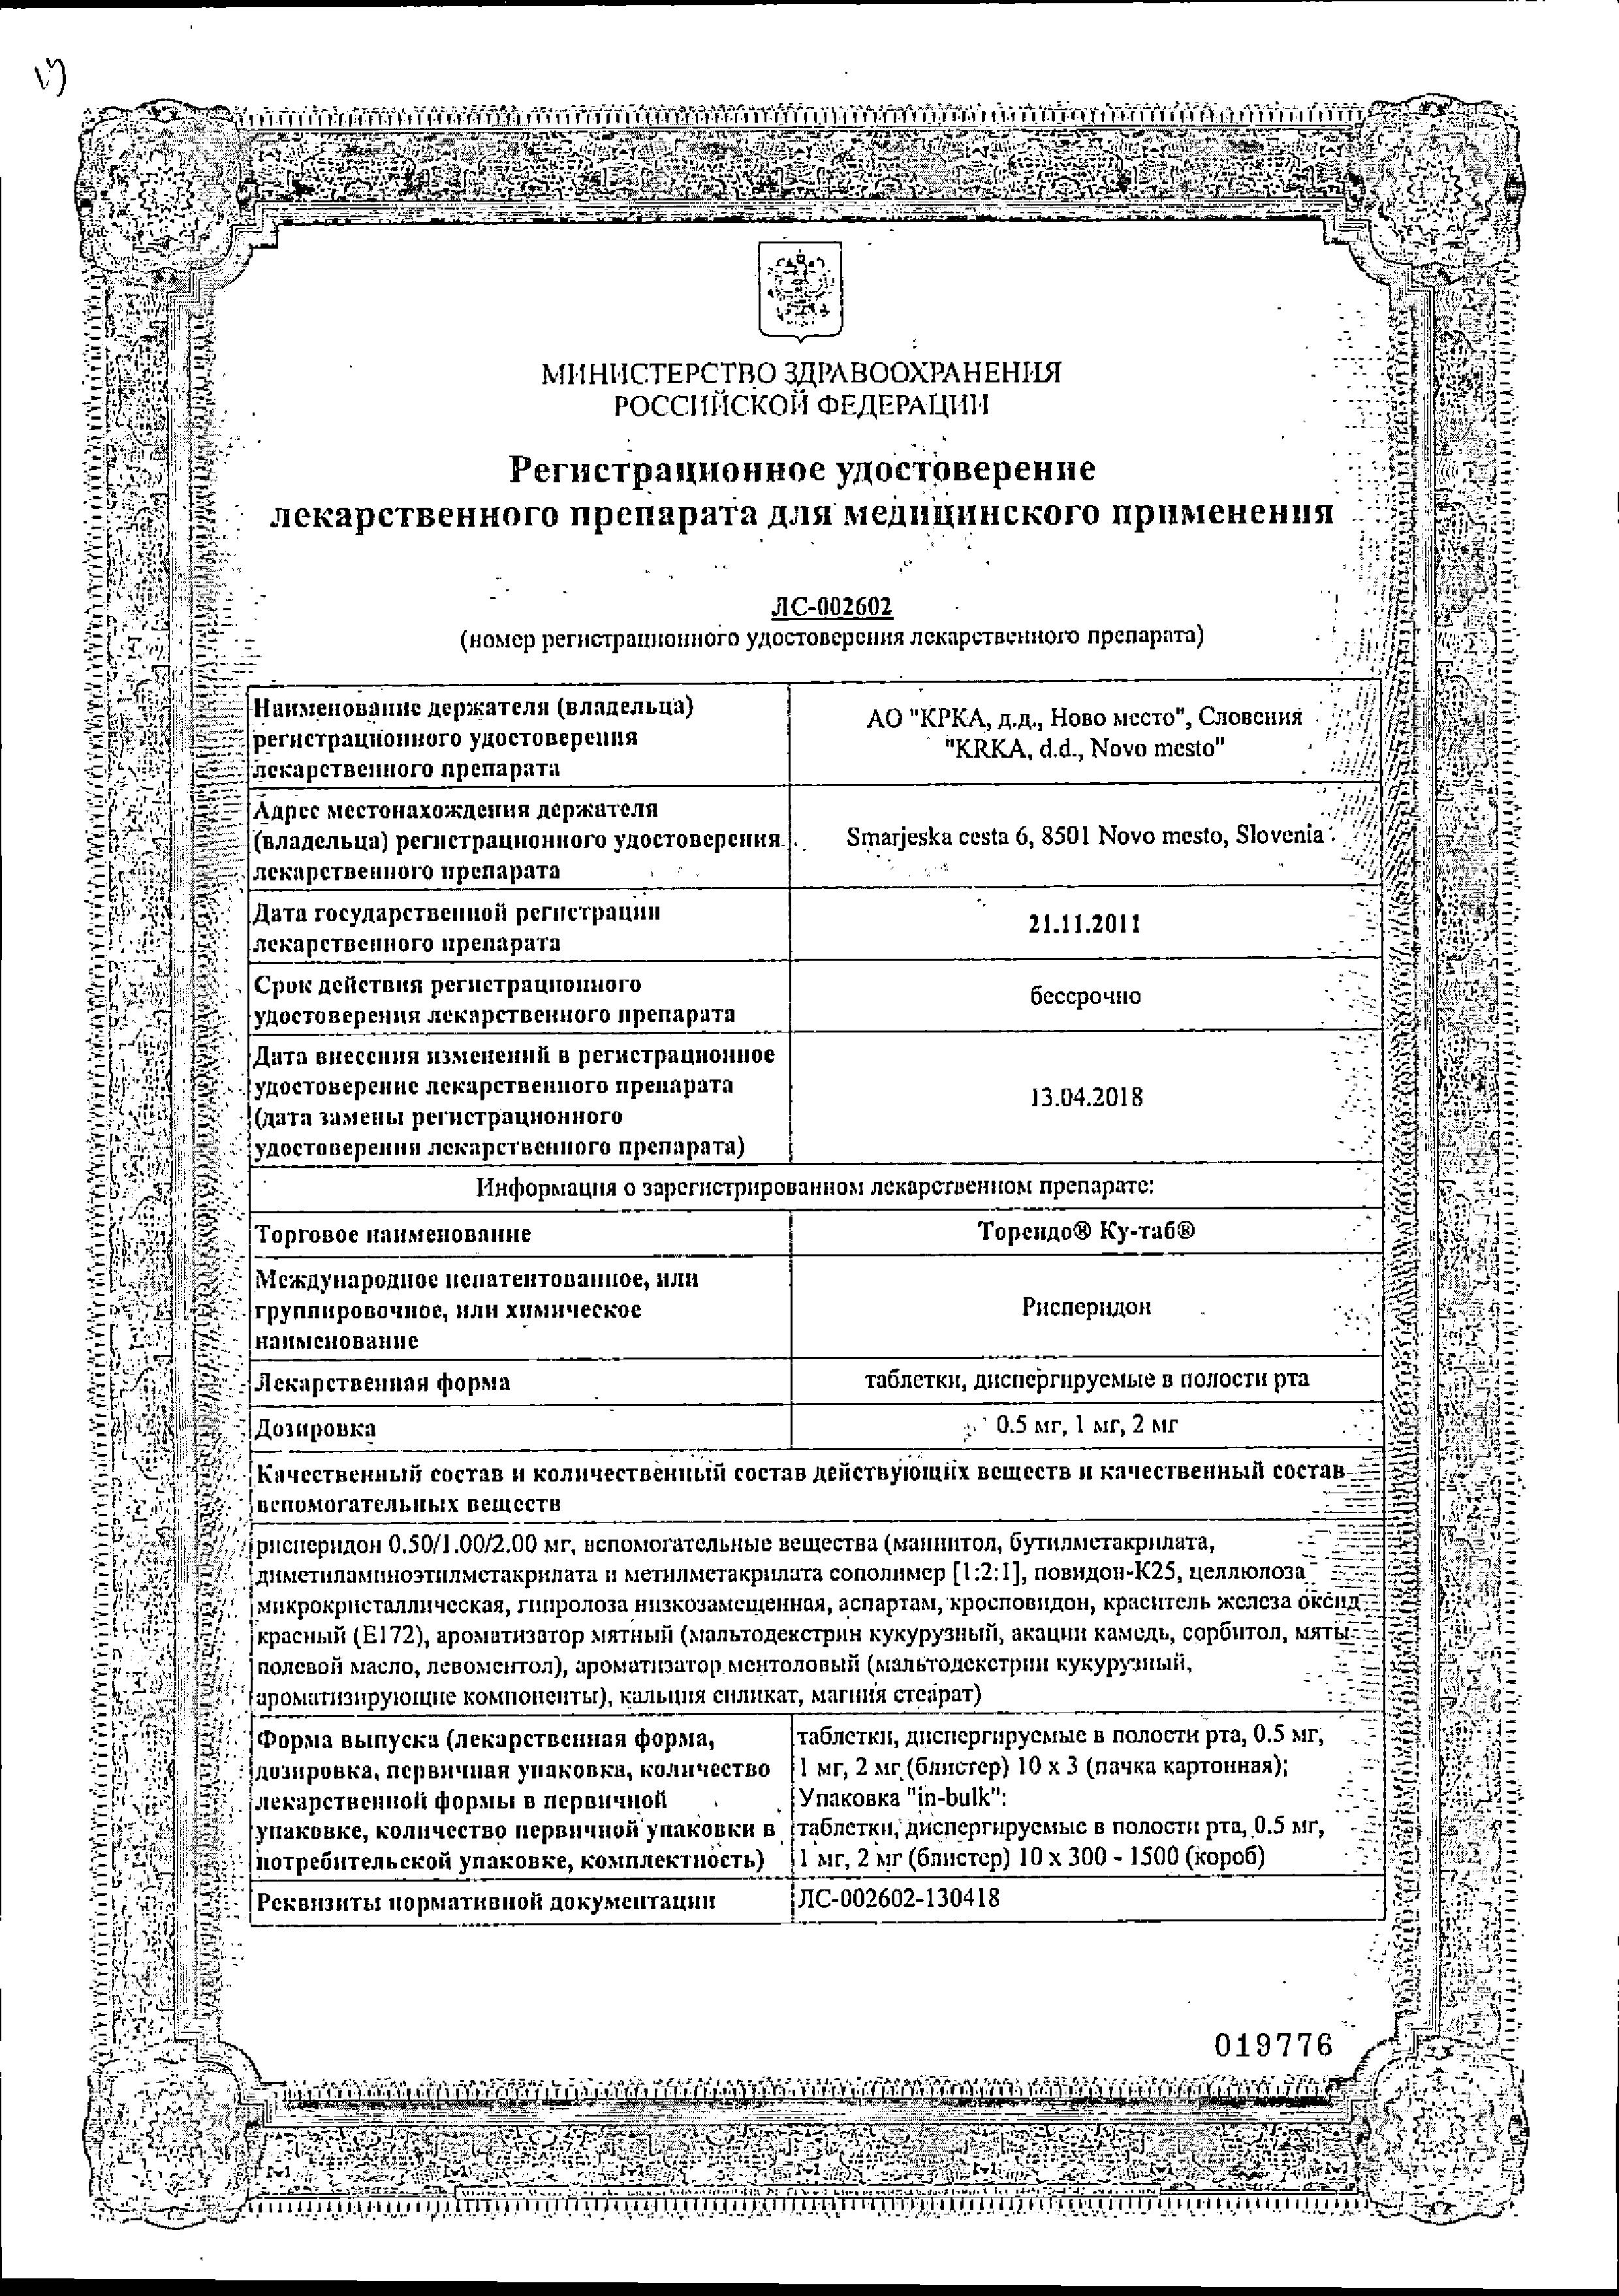 Торендо Ку-таб сертификат